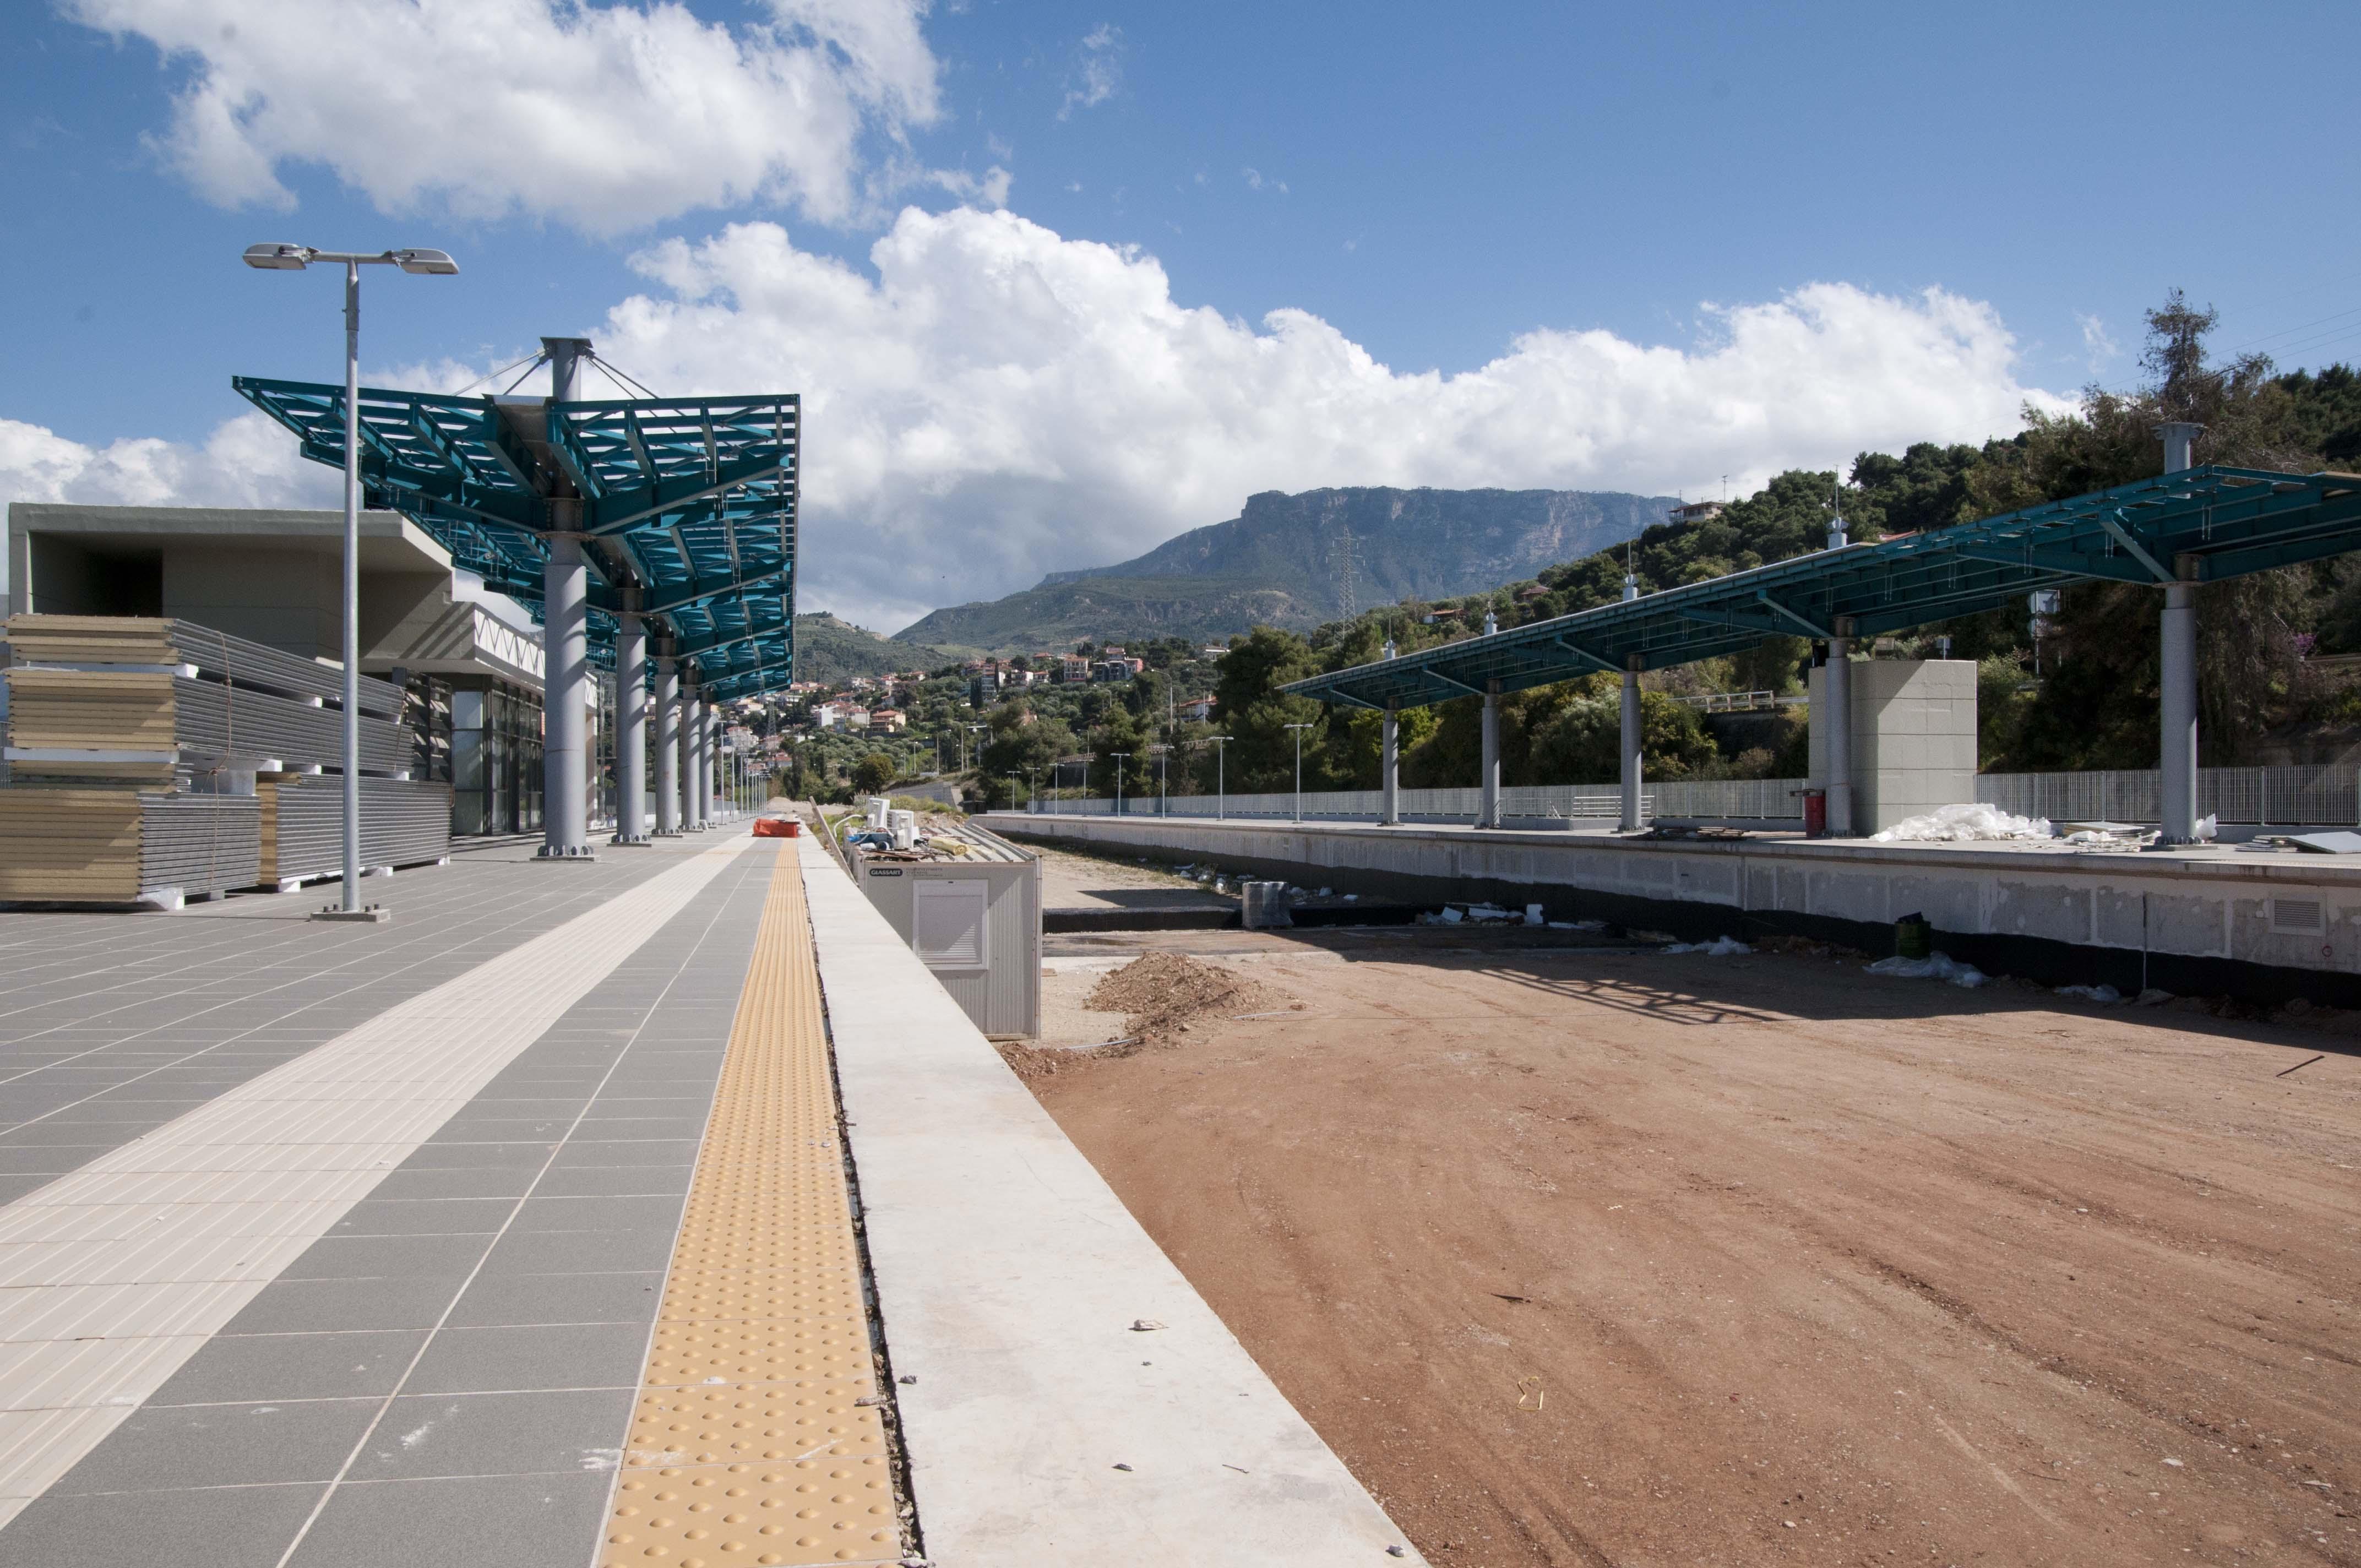 Σιδηροδρομικός σταθμός Ακράτας